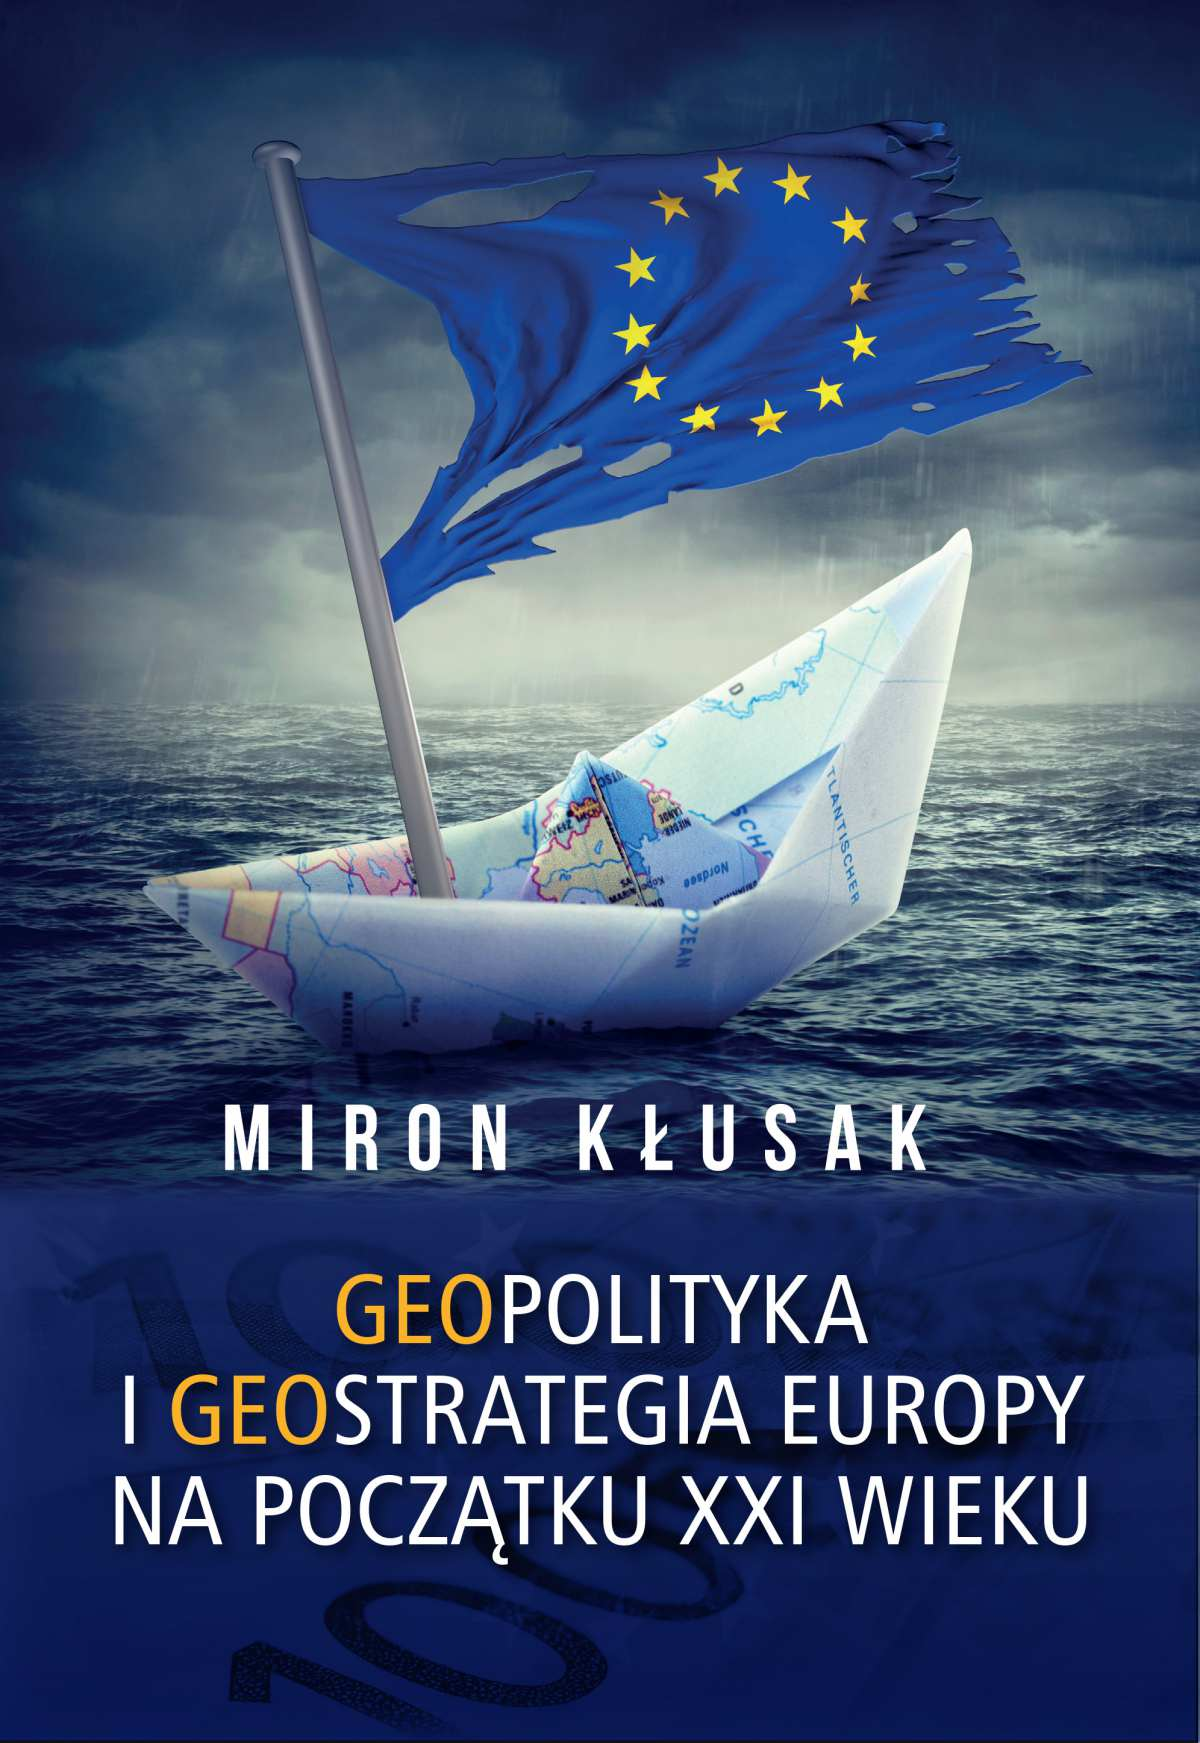 Geopolityka i geostrategia Europy na początku XXI wieku - Ebook (Książka na Kindle) do pobrania w formacie MOBI